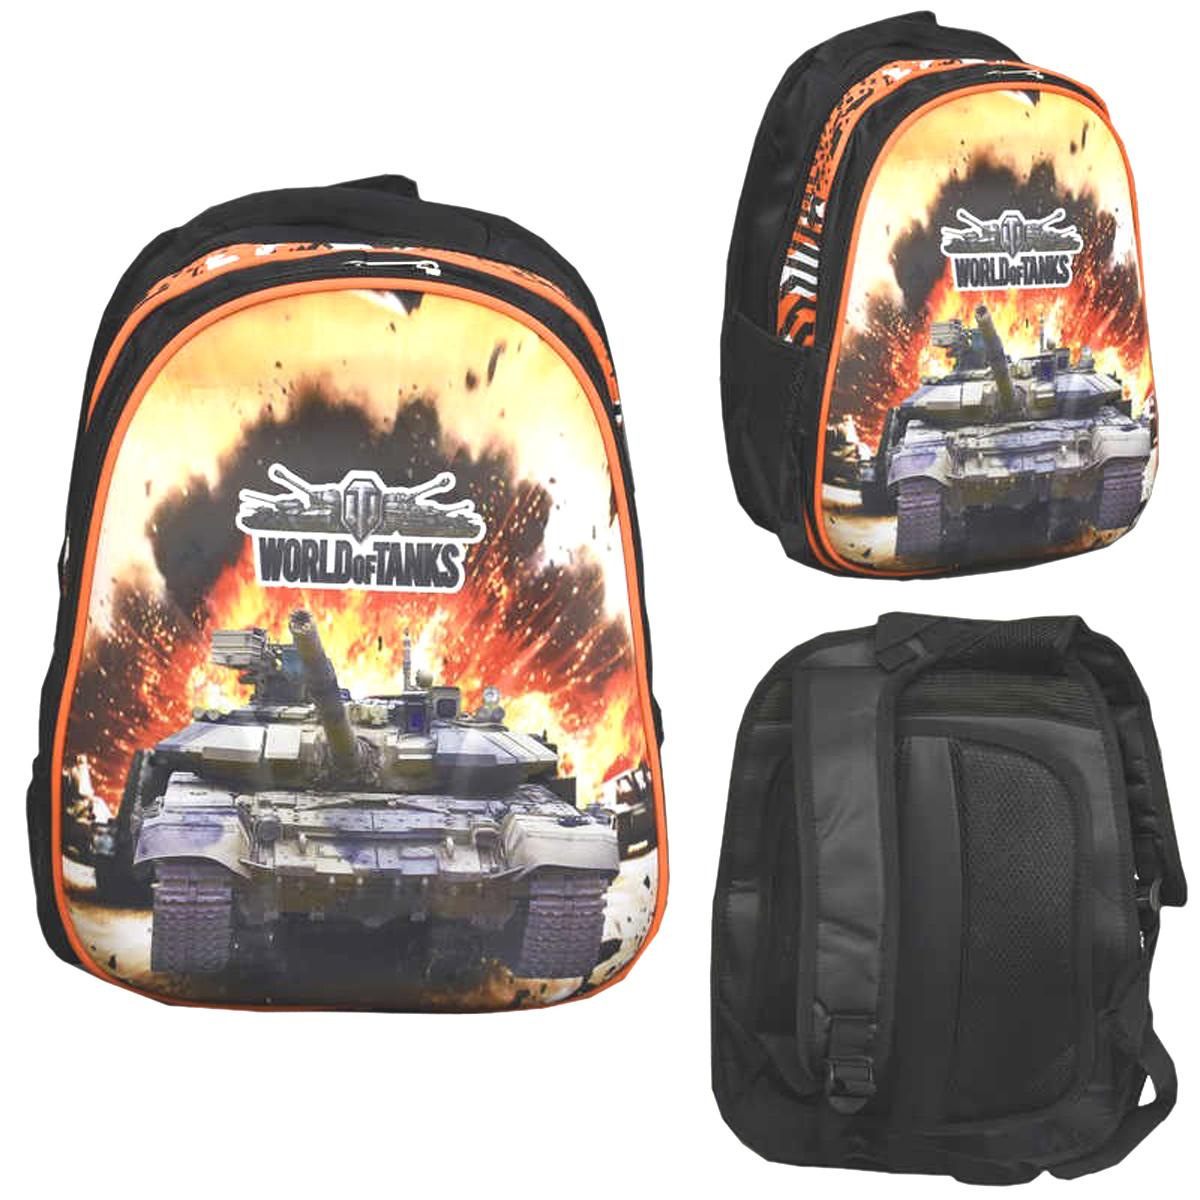 9927cea2da9c Рюкзак школьный World of Tanks. Цена, купить Рюкзак школьный World ...